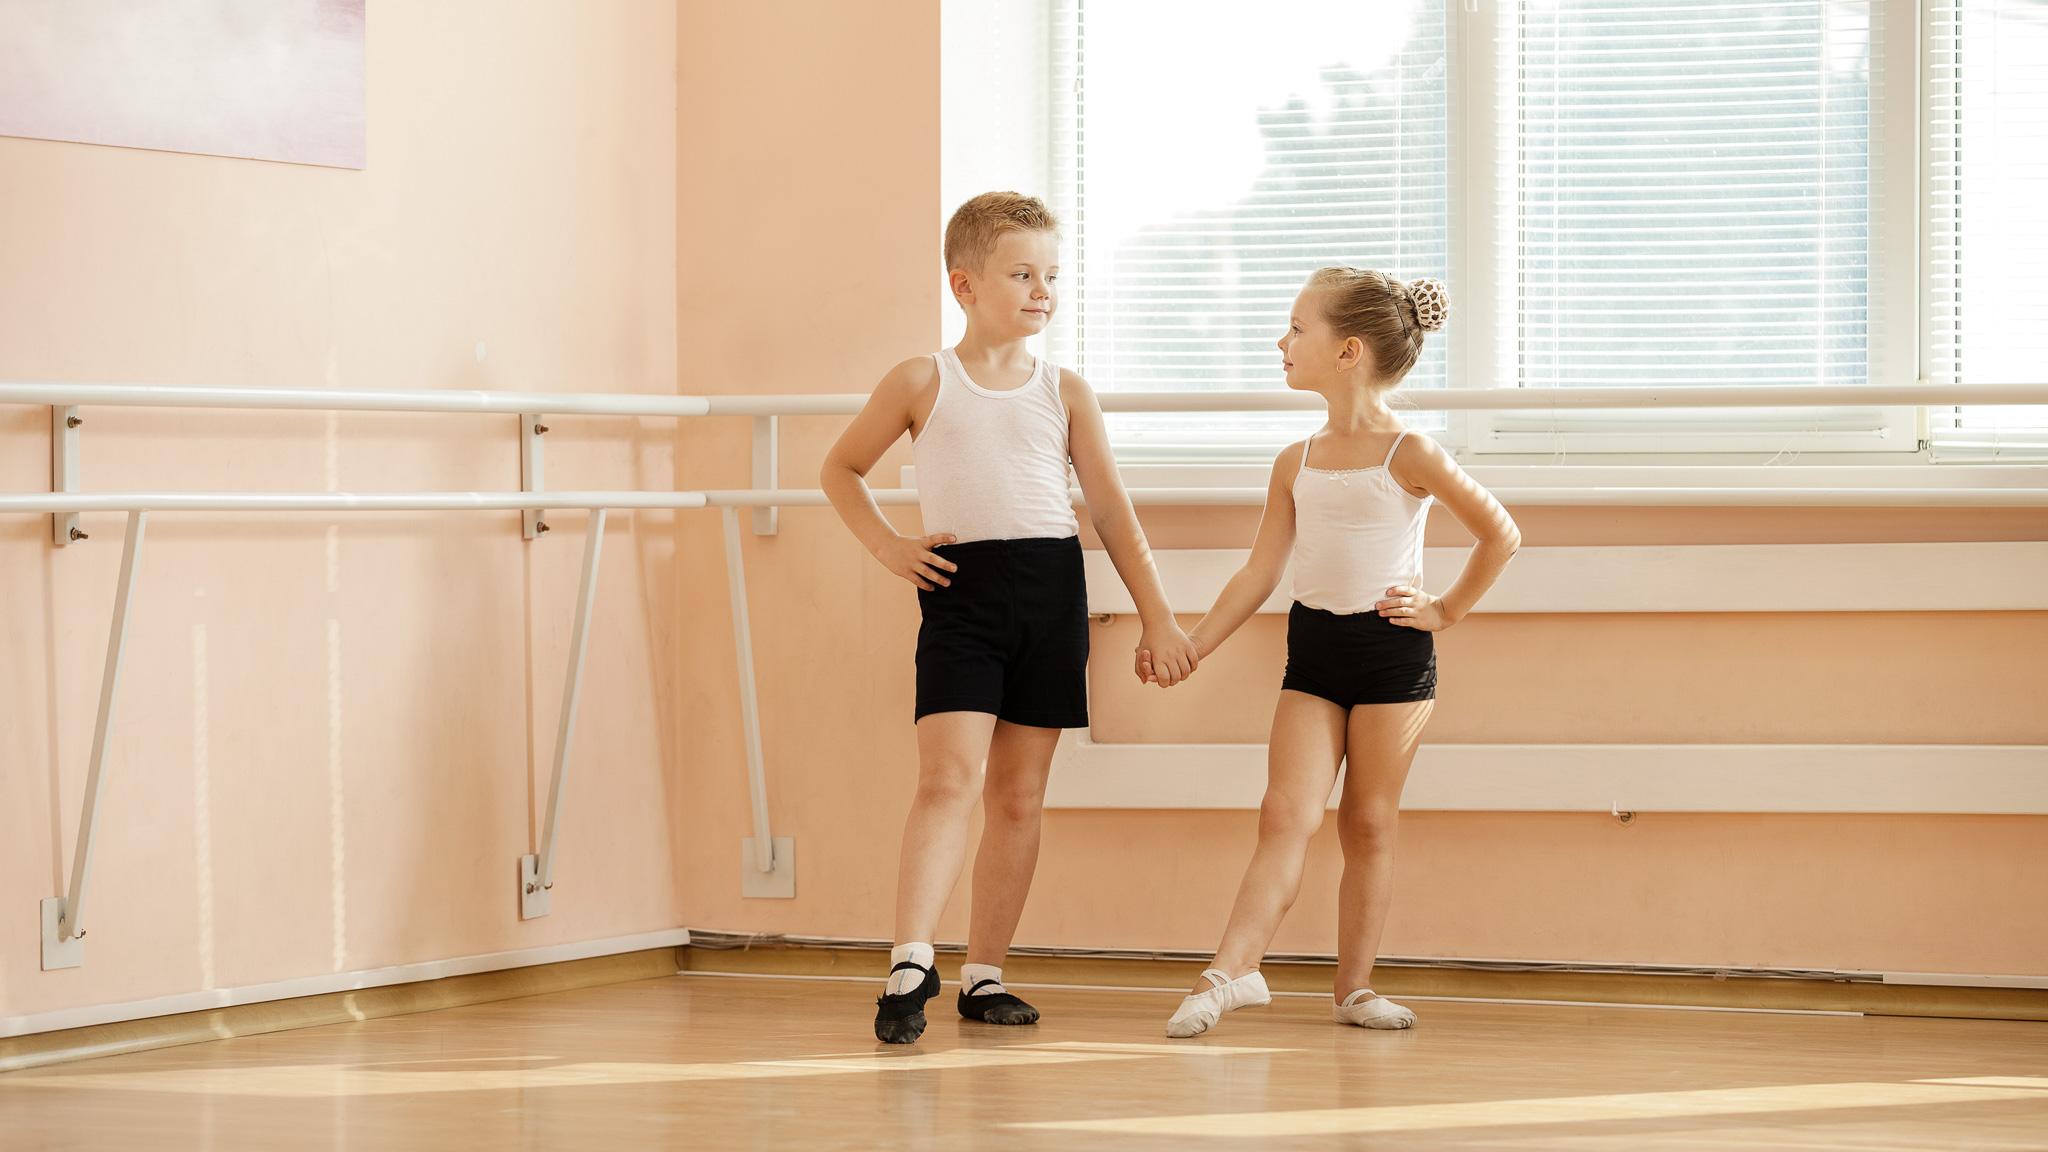 Równość płciowa w biznesie jako światowy trend Hays Poland MEDIARUN dzieci balet sala 2020 v1